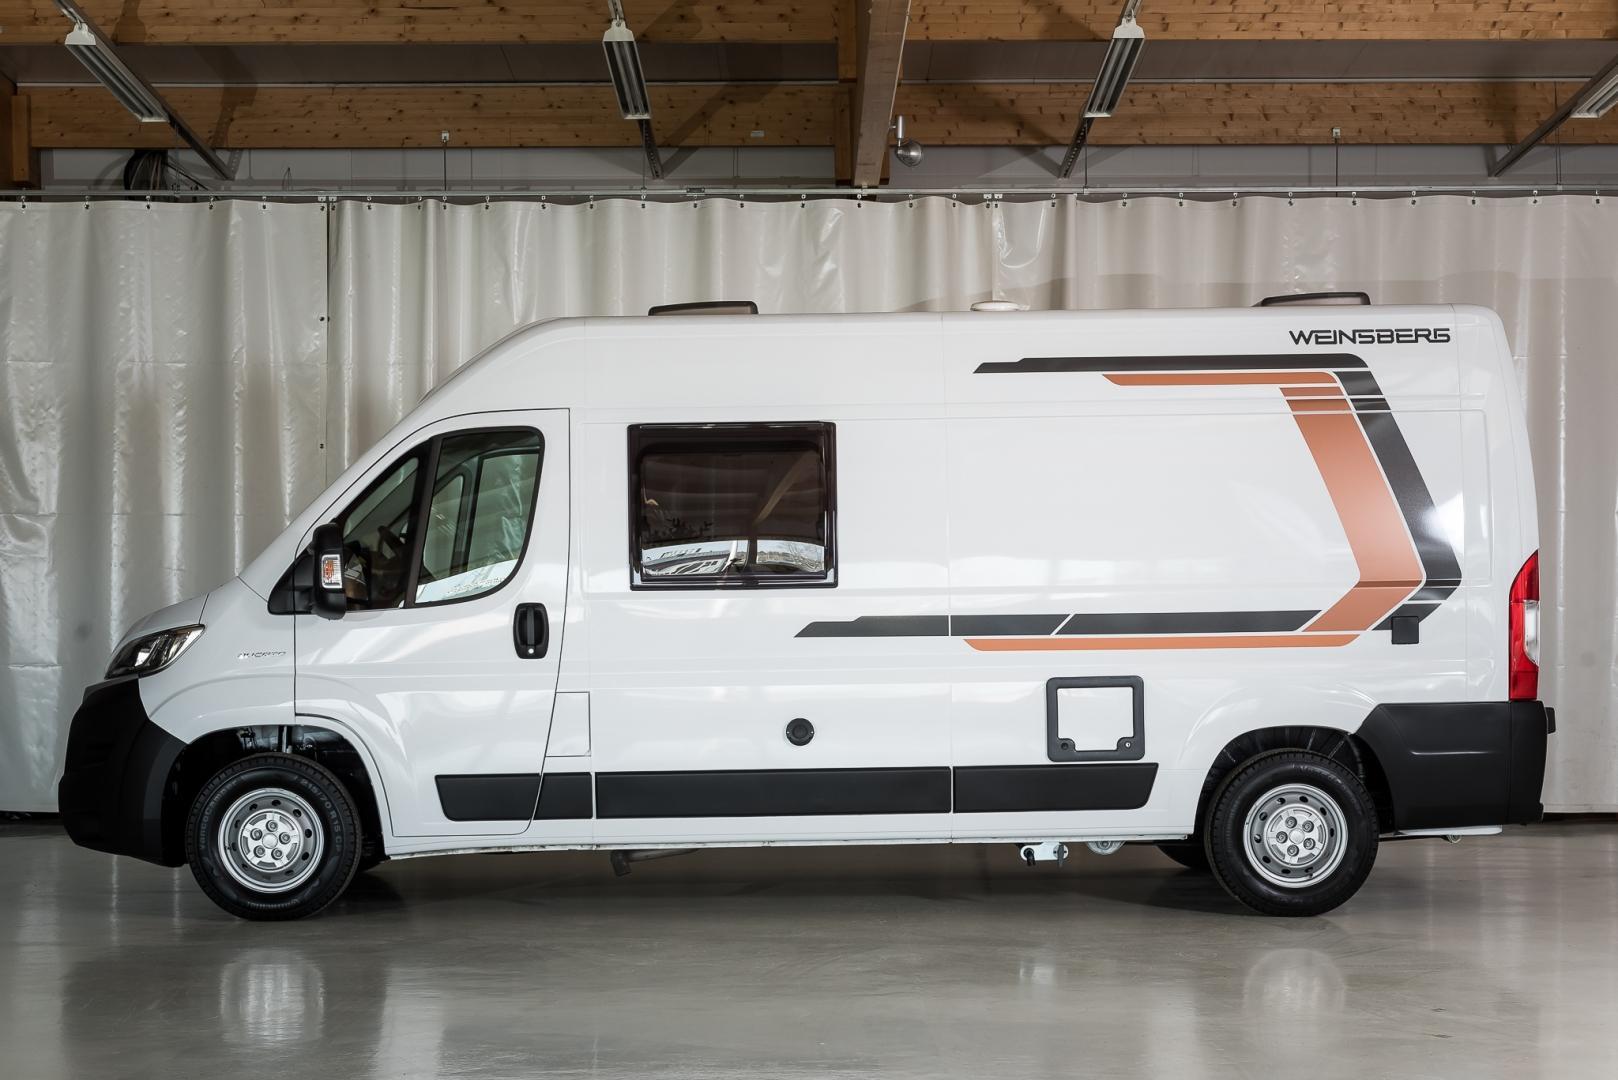 Weinsberg Carabus 600 MQ AUTOMAATTI, 2,3 M-JET 130 HV